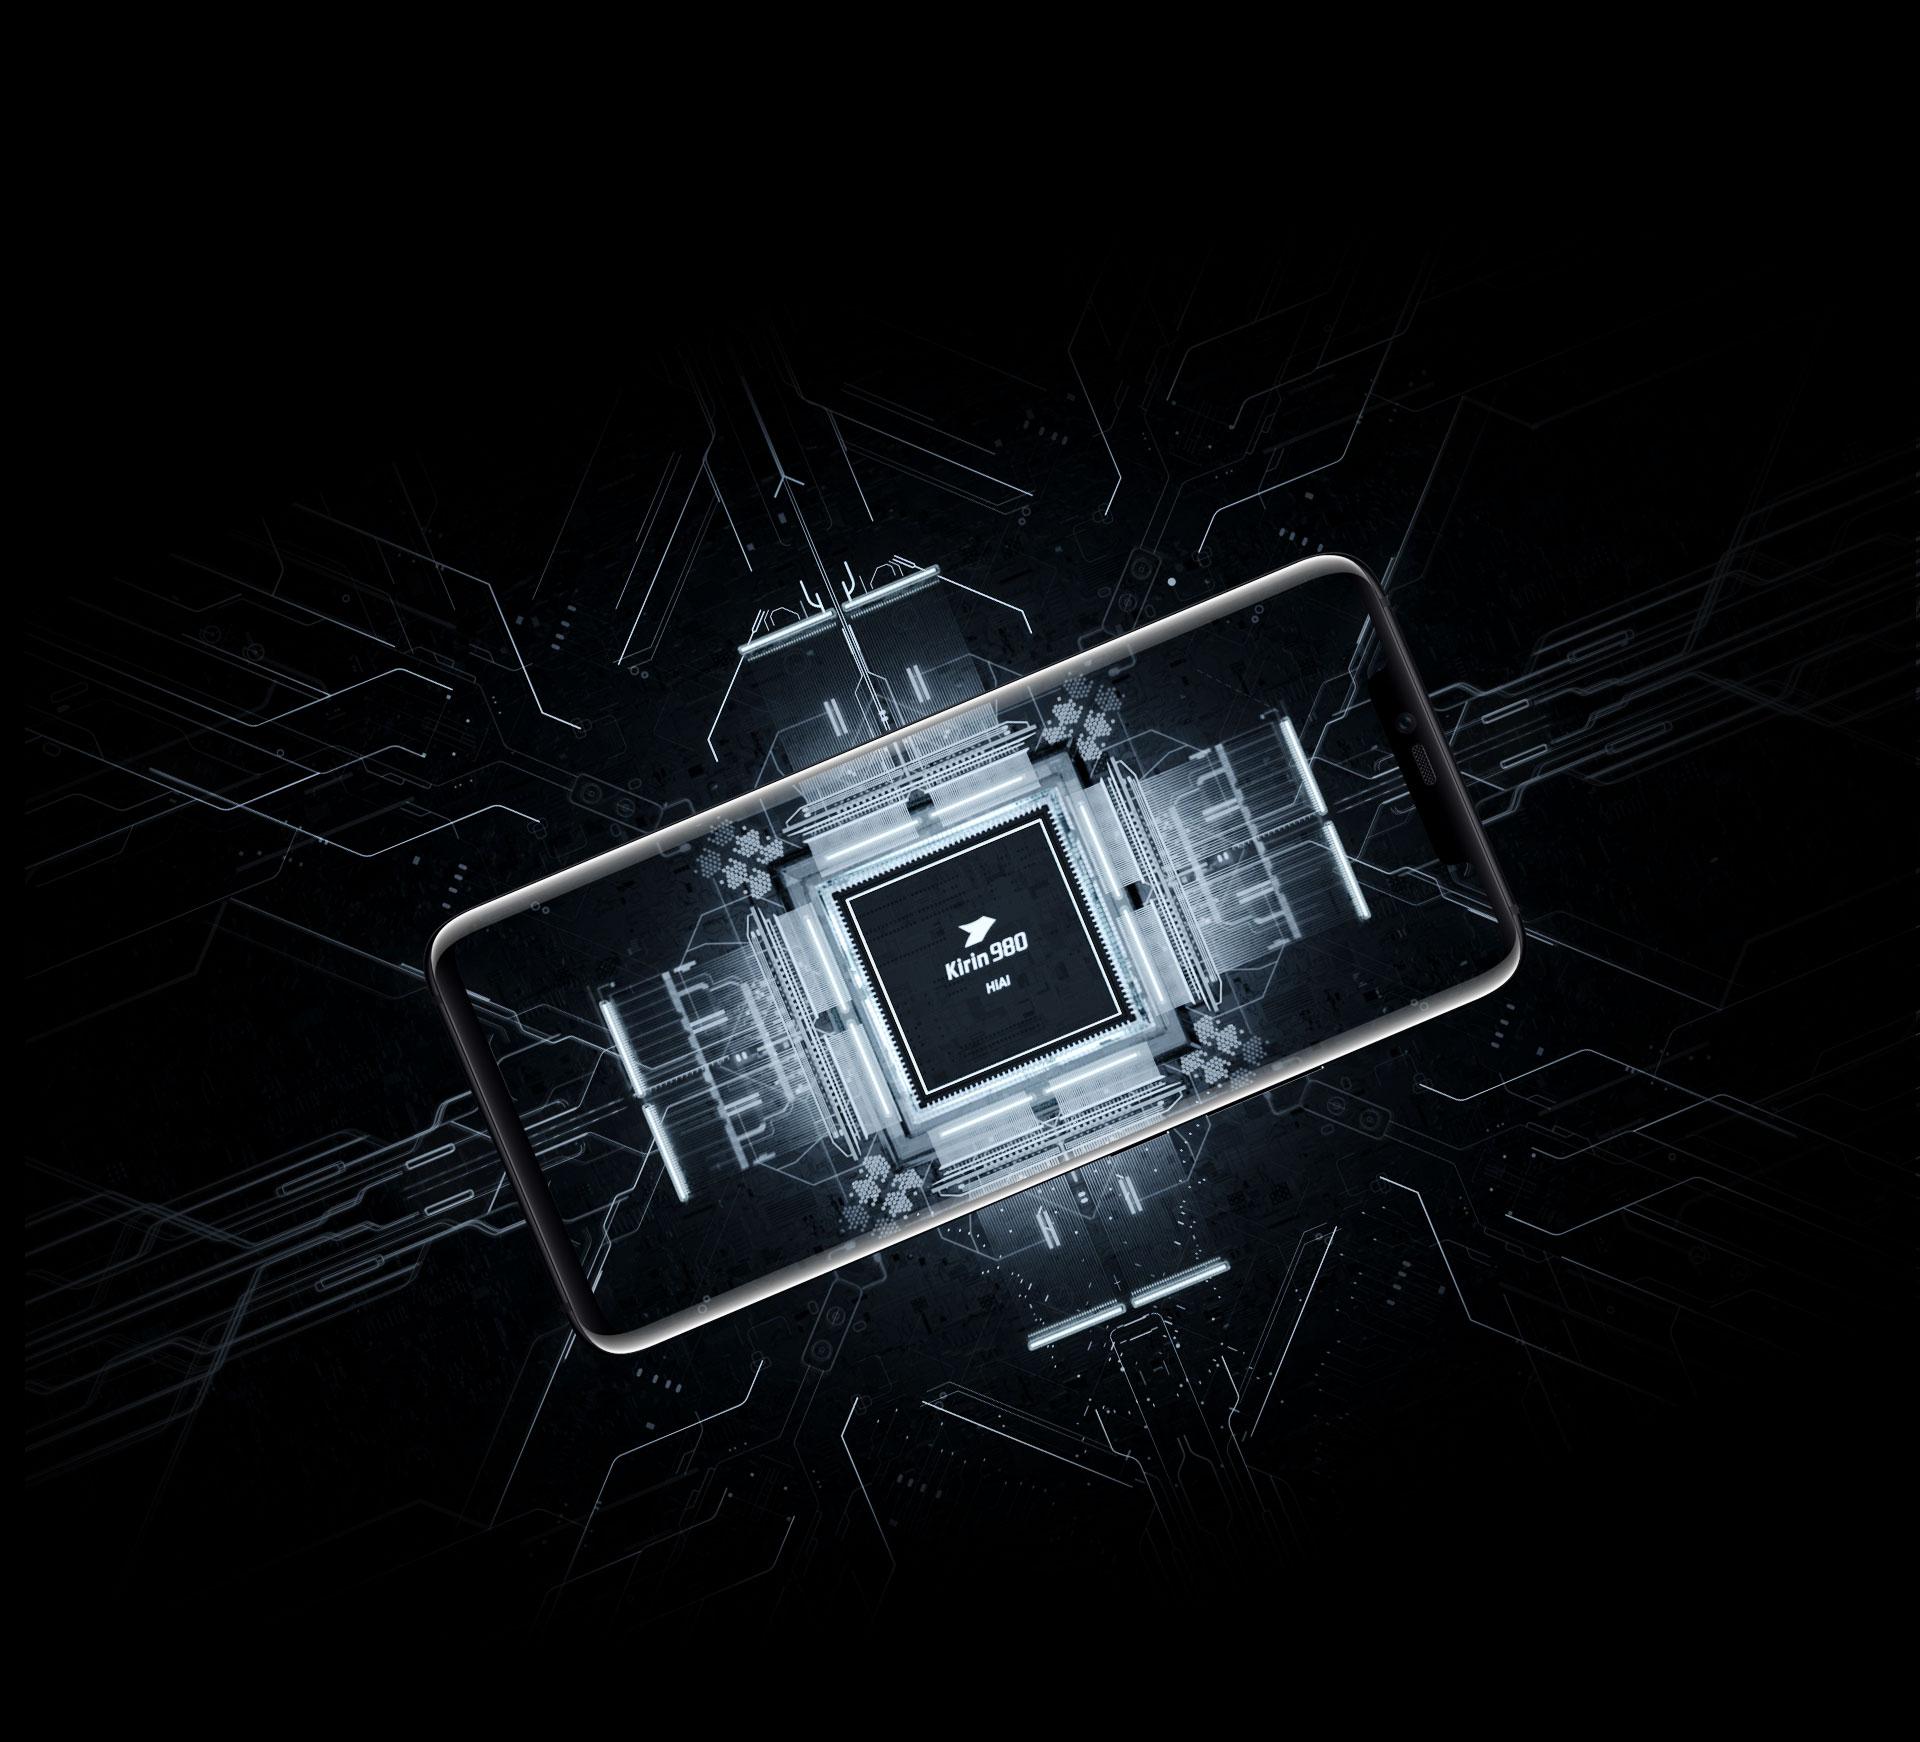 Huawei-Mate-20-RS-kirin-980-dual-NPU.jpg